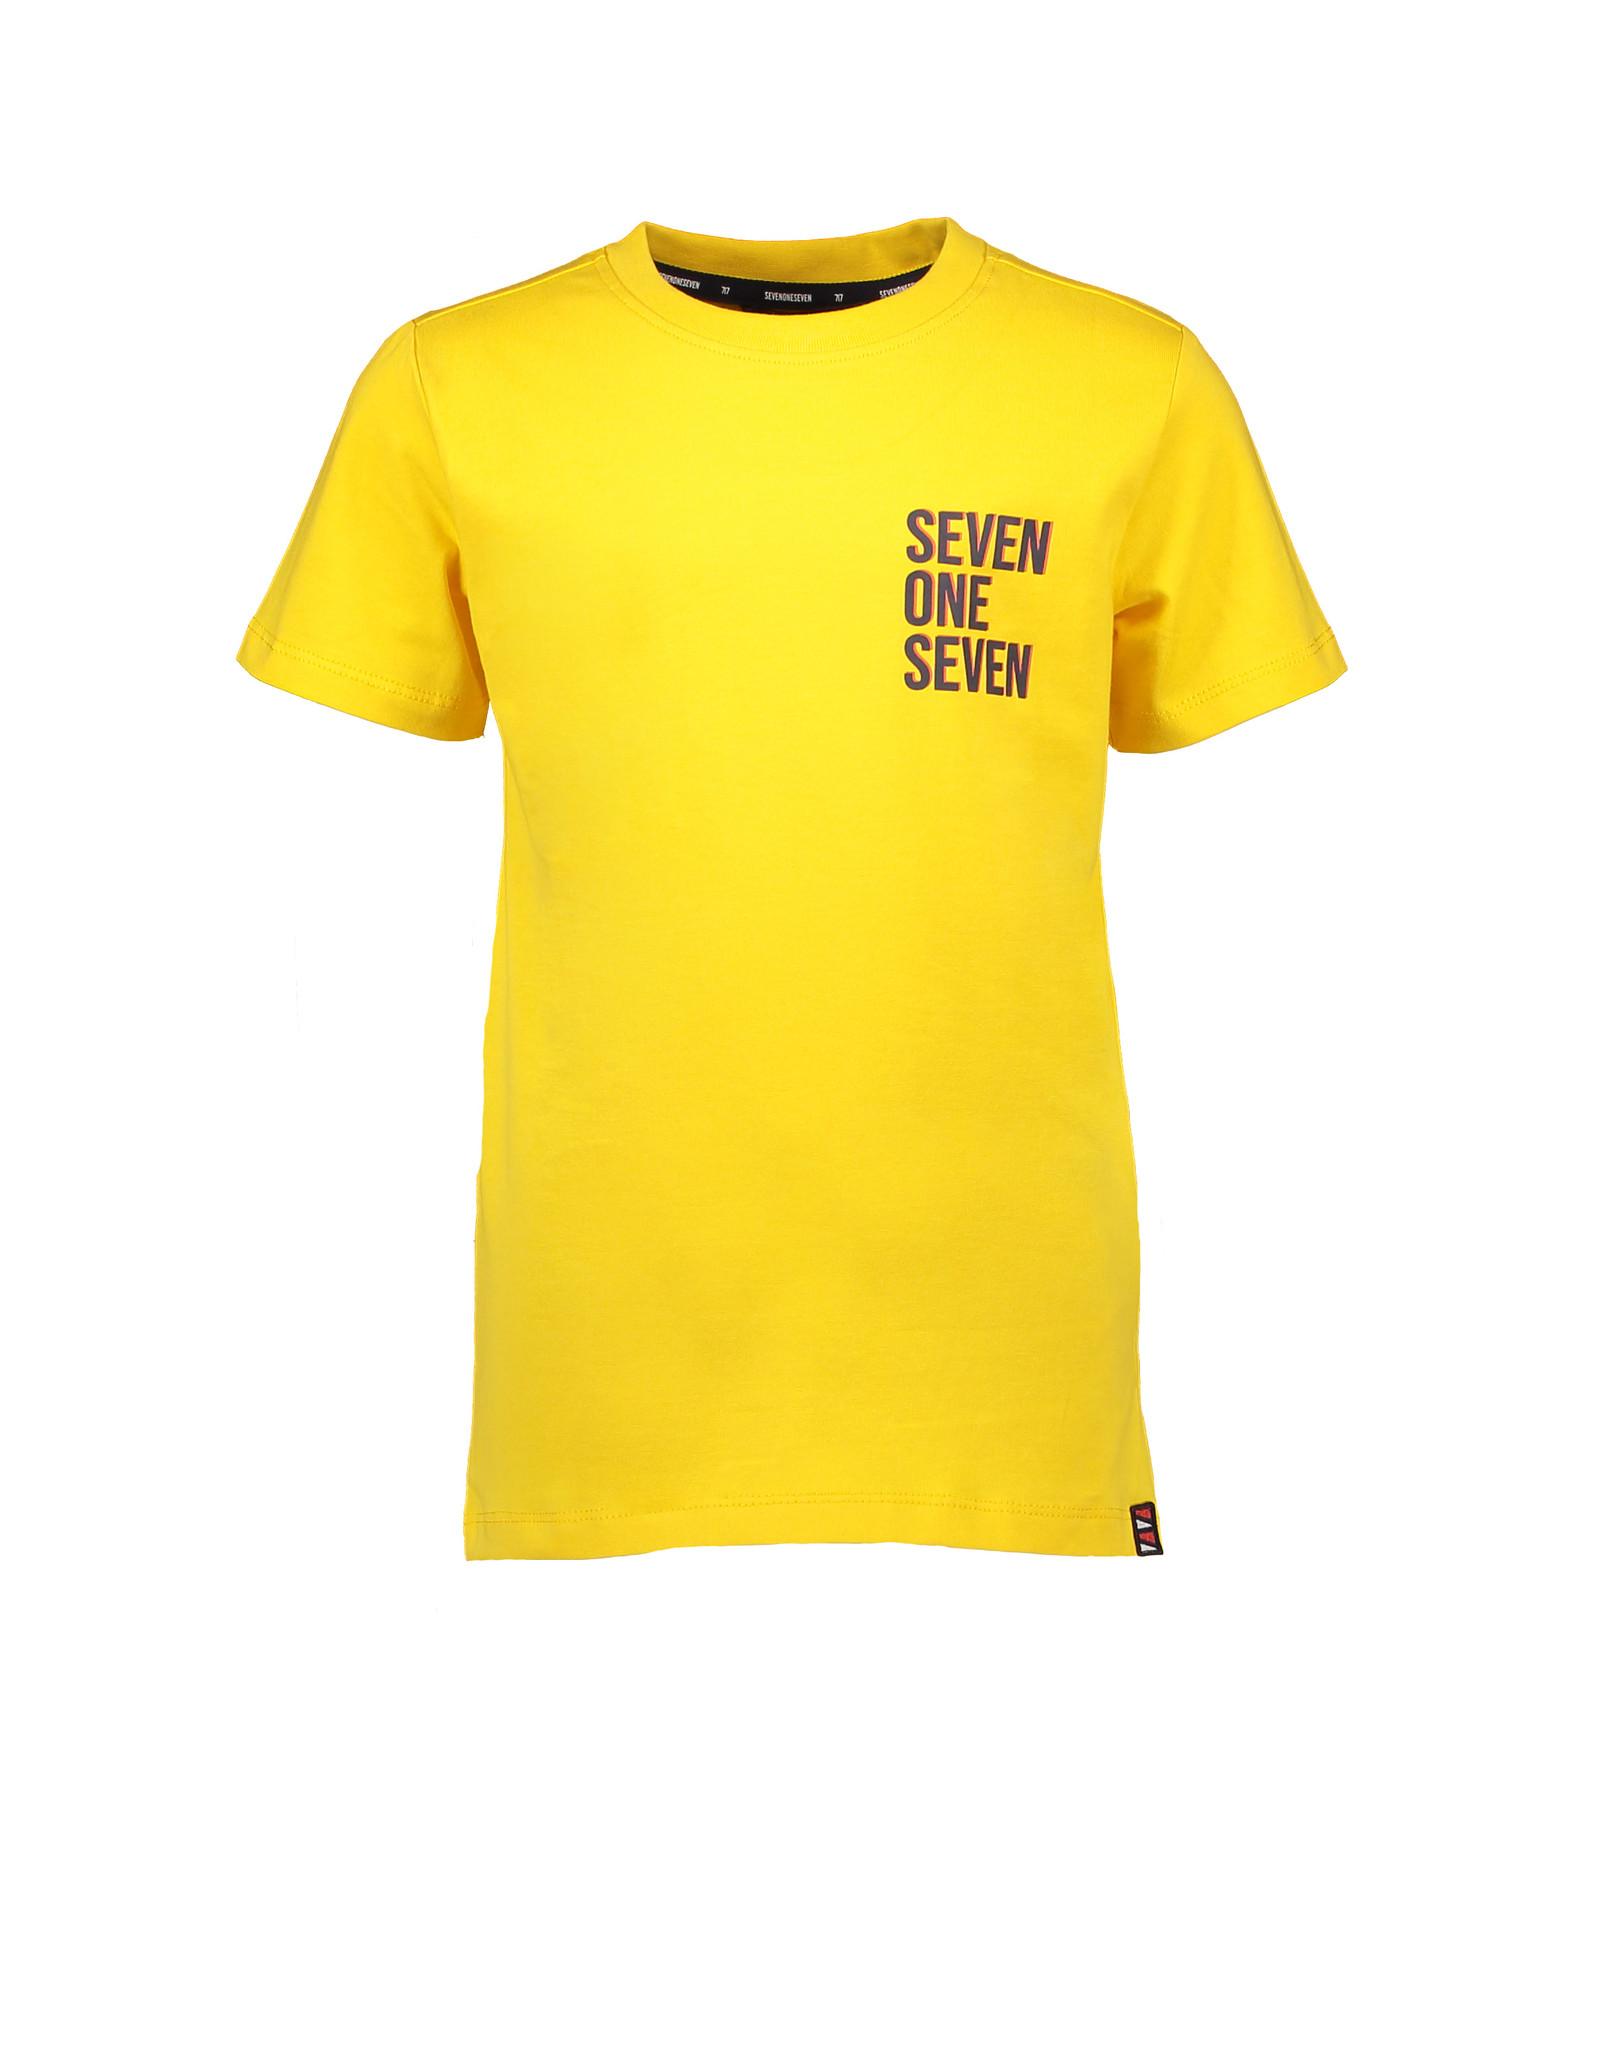 SevenOneSeven T-shirt met klein logo geel